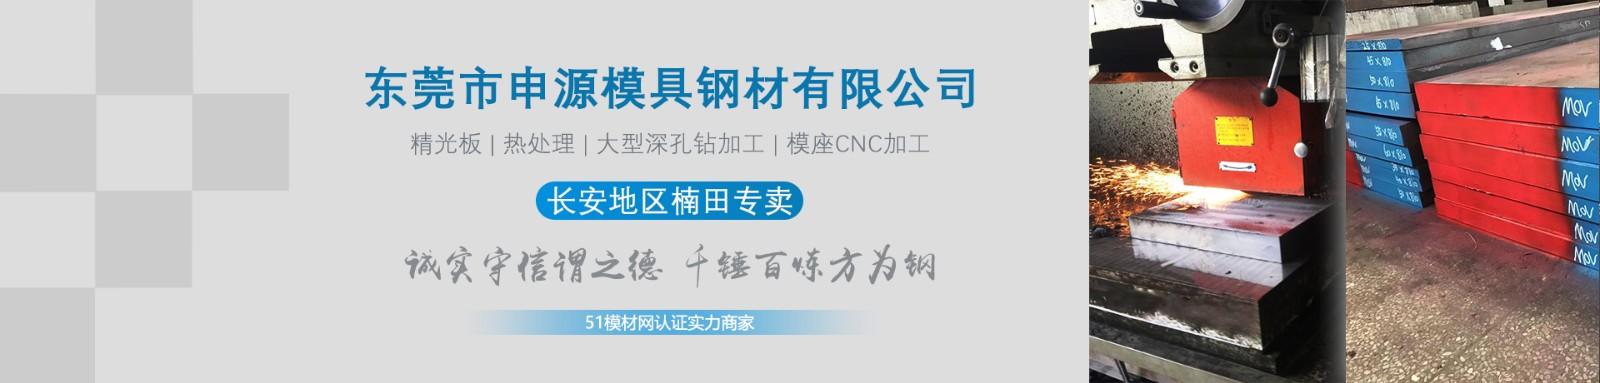 東莞市申源模具鋼材有限公司